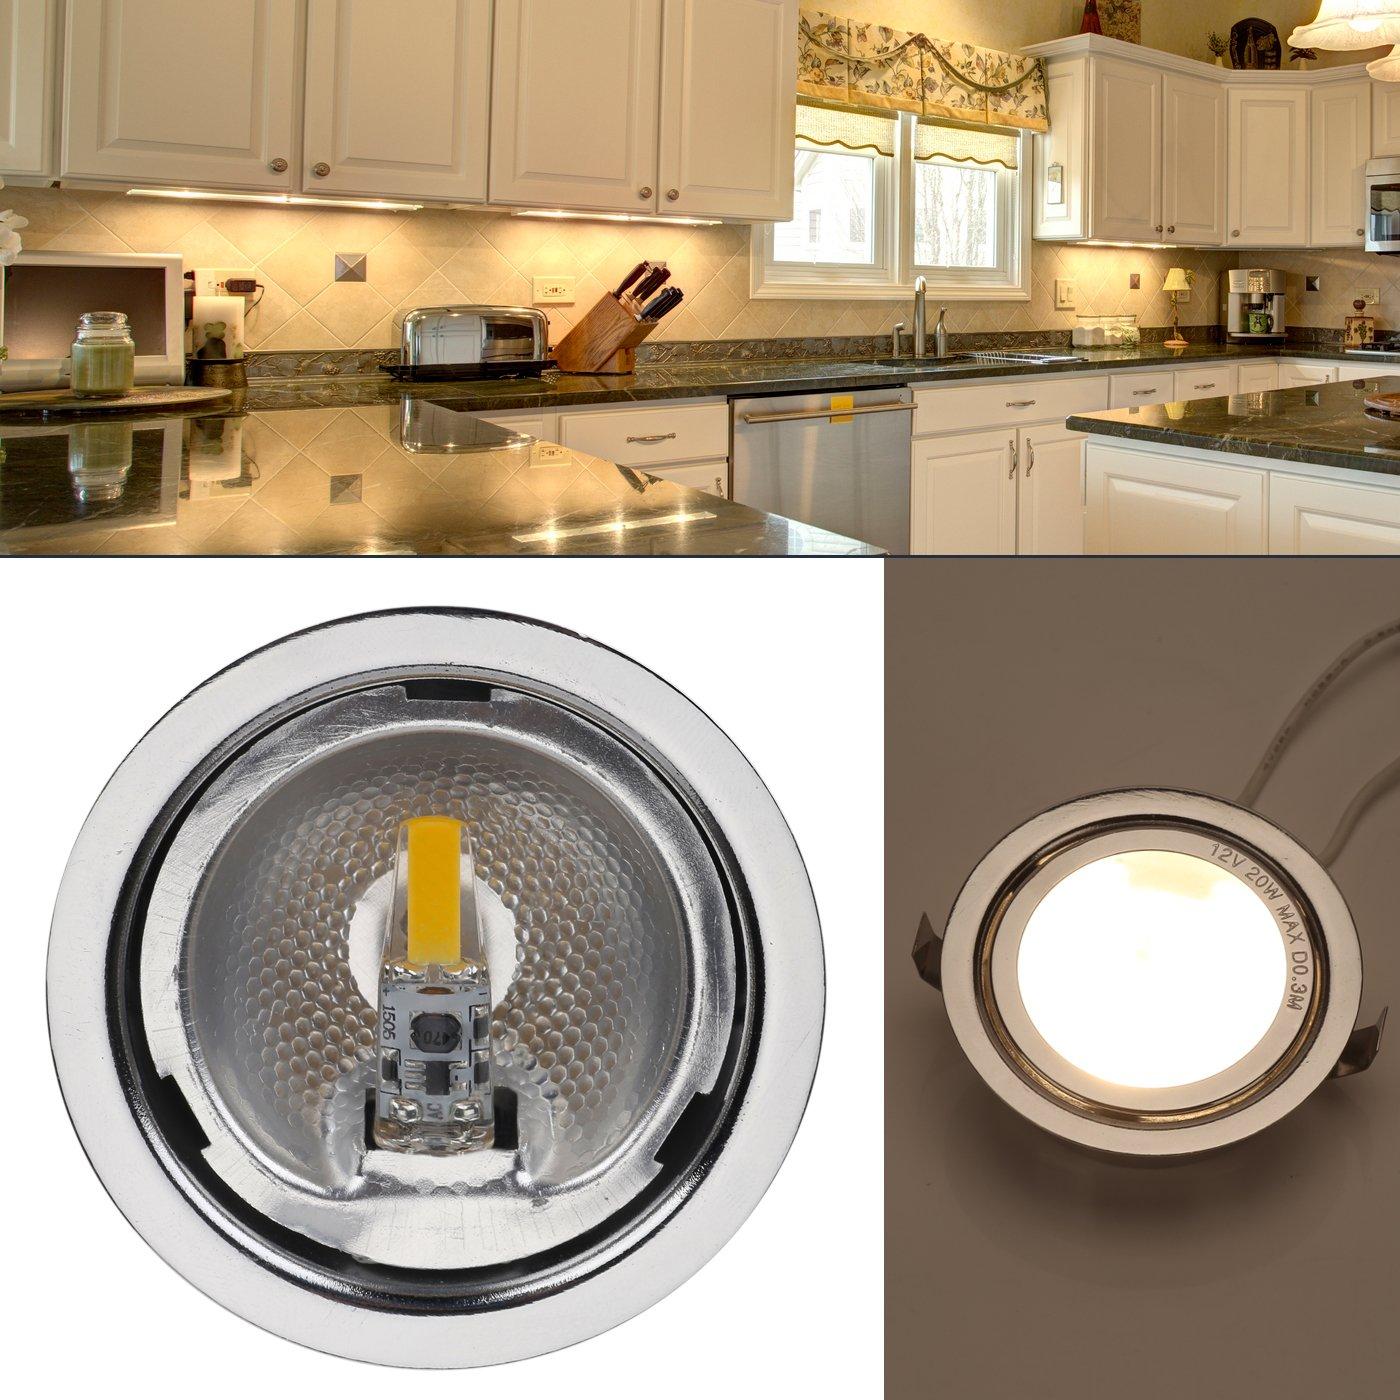 10W Glass Halogen Light Bulbs Replacement 10-Pack G4 Base 1W LED Bulbs JC T3 Lamp for Under Cabinet Lighting Warm White 2700K 12V-24V AC // 10V-30V DC RV, vehicles, caravan, motor homes, boats